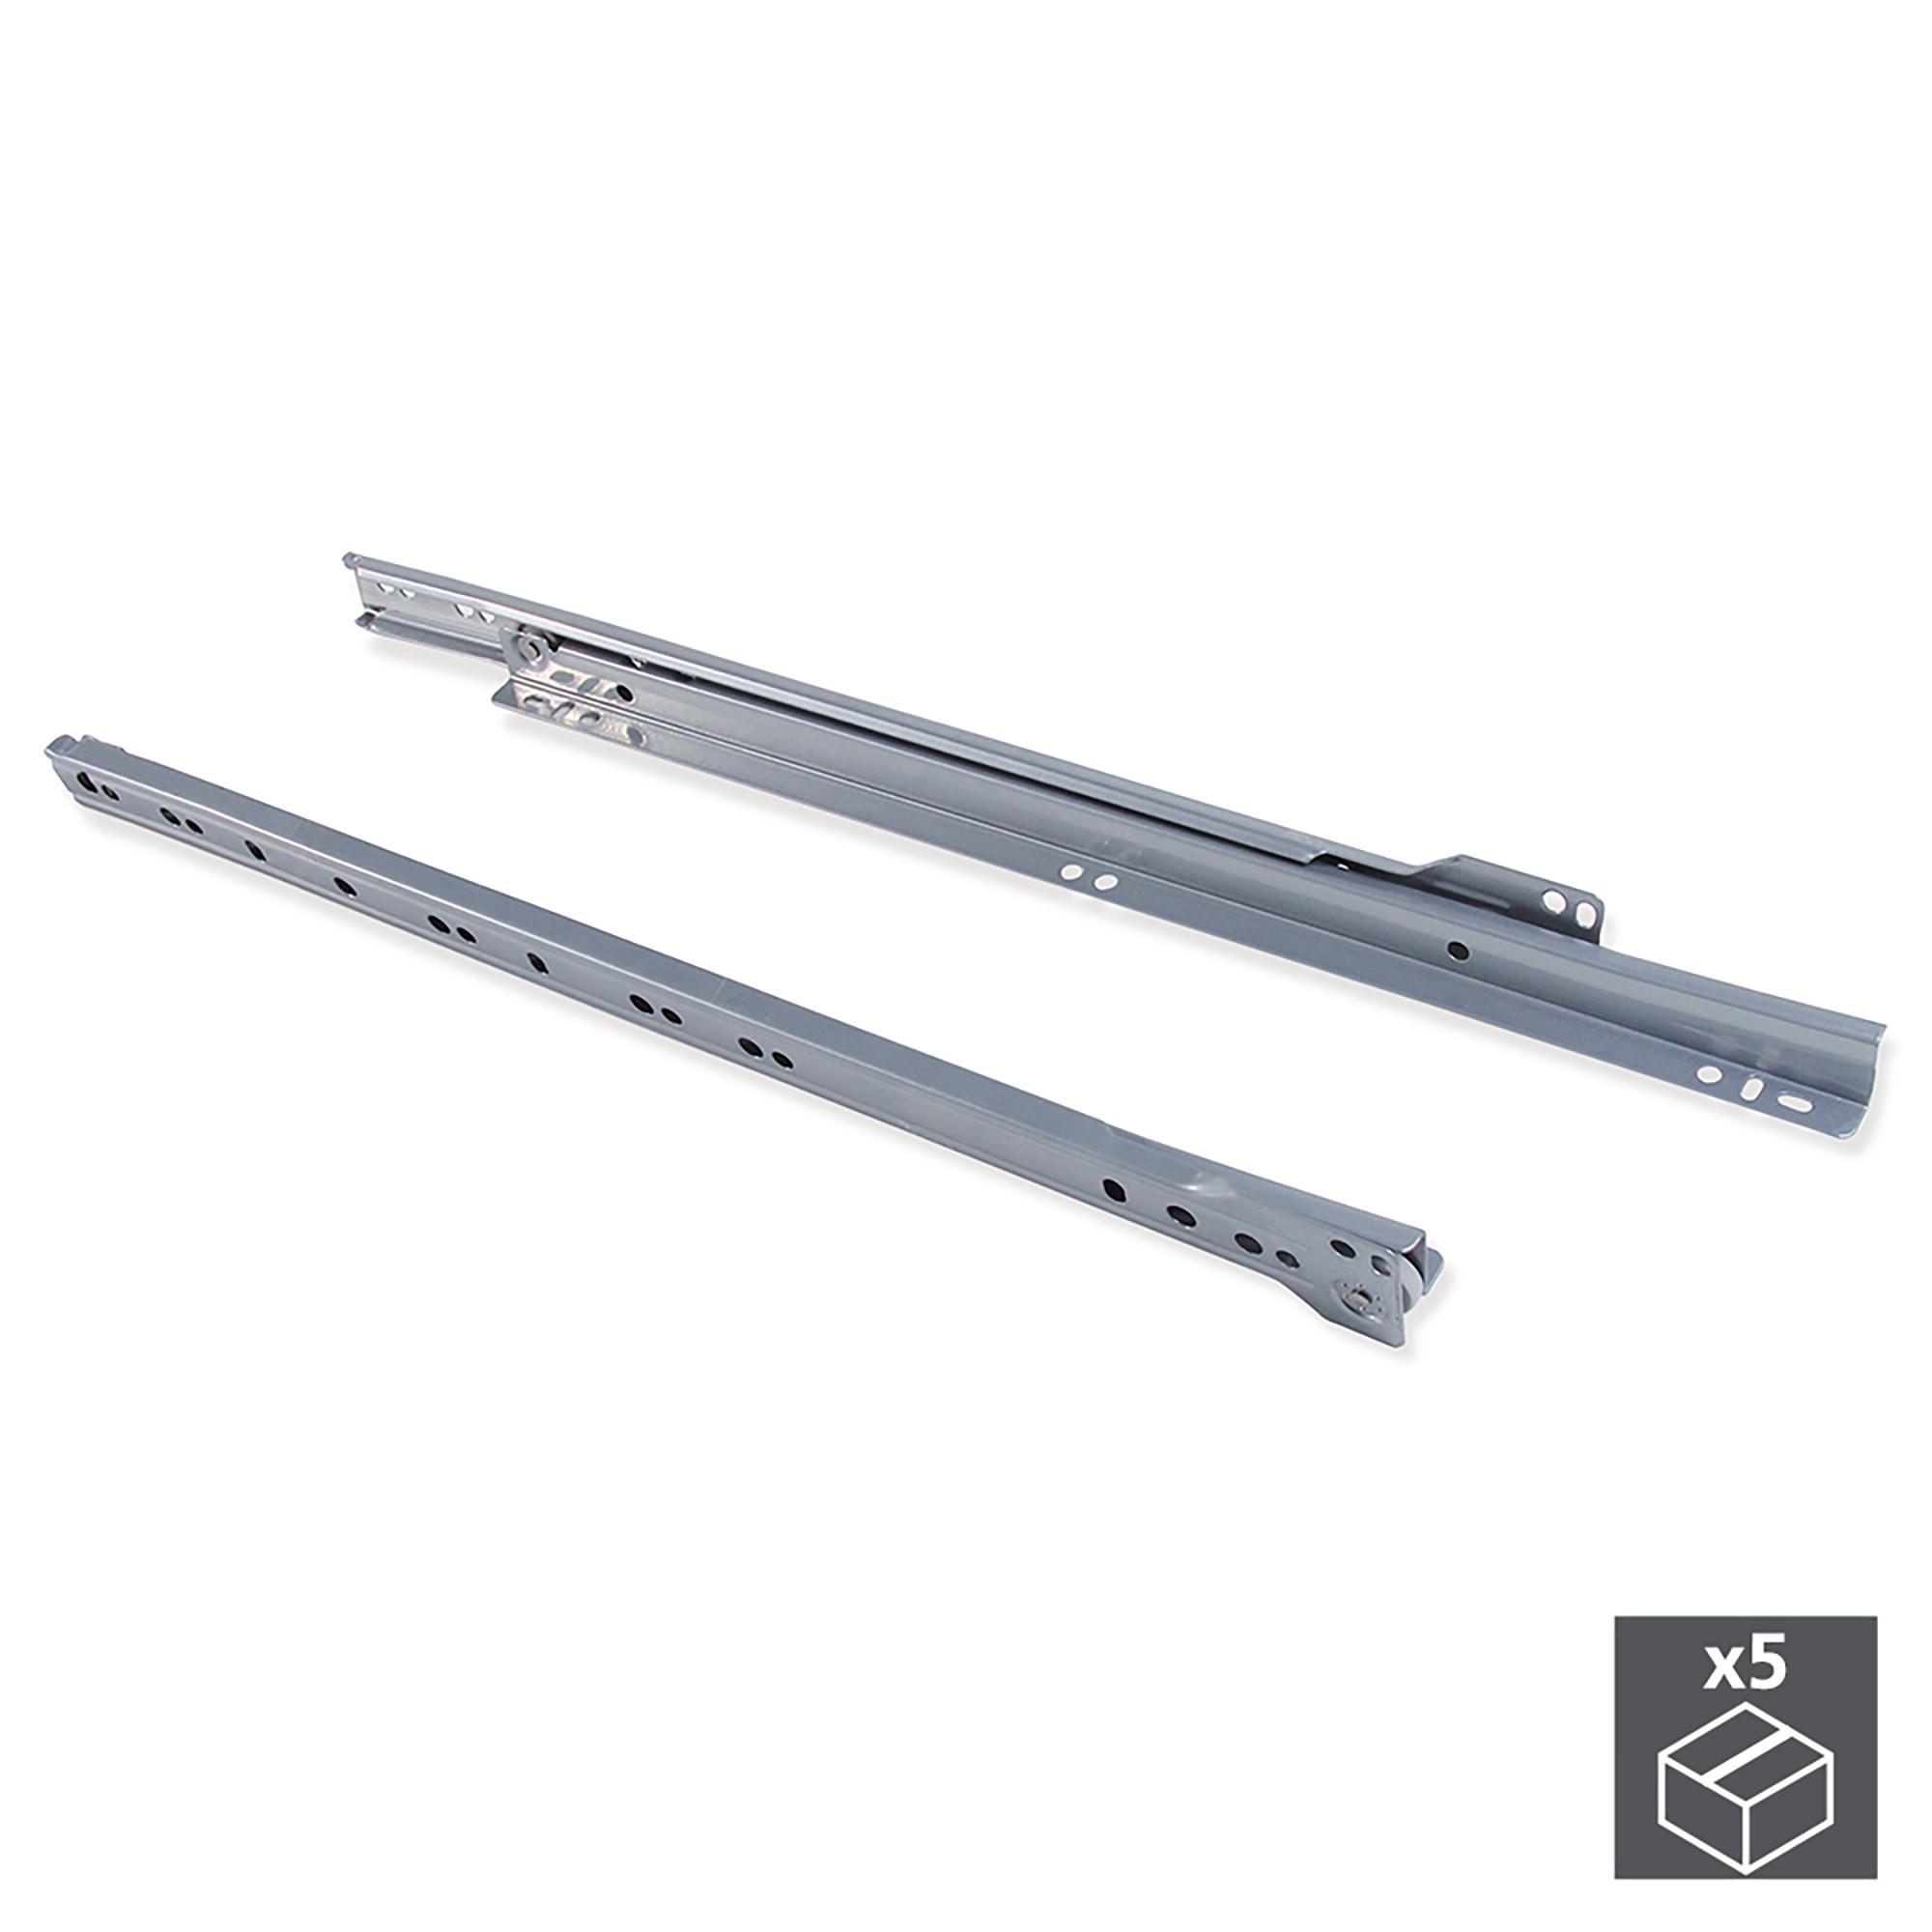 Emuca Kit Guide a rotelle per cassetti, chiusura a caduta, 250 mm, estrazione parziale, Grigio metallizzato, 5 u.